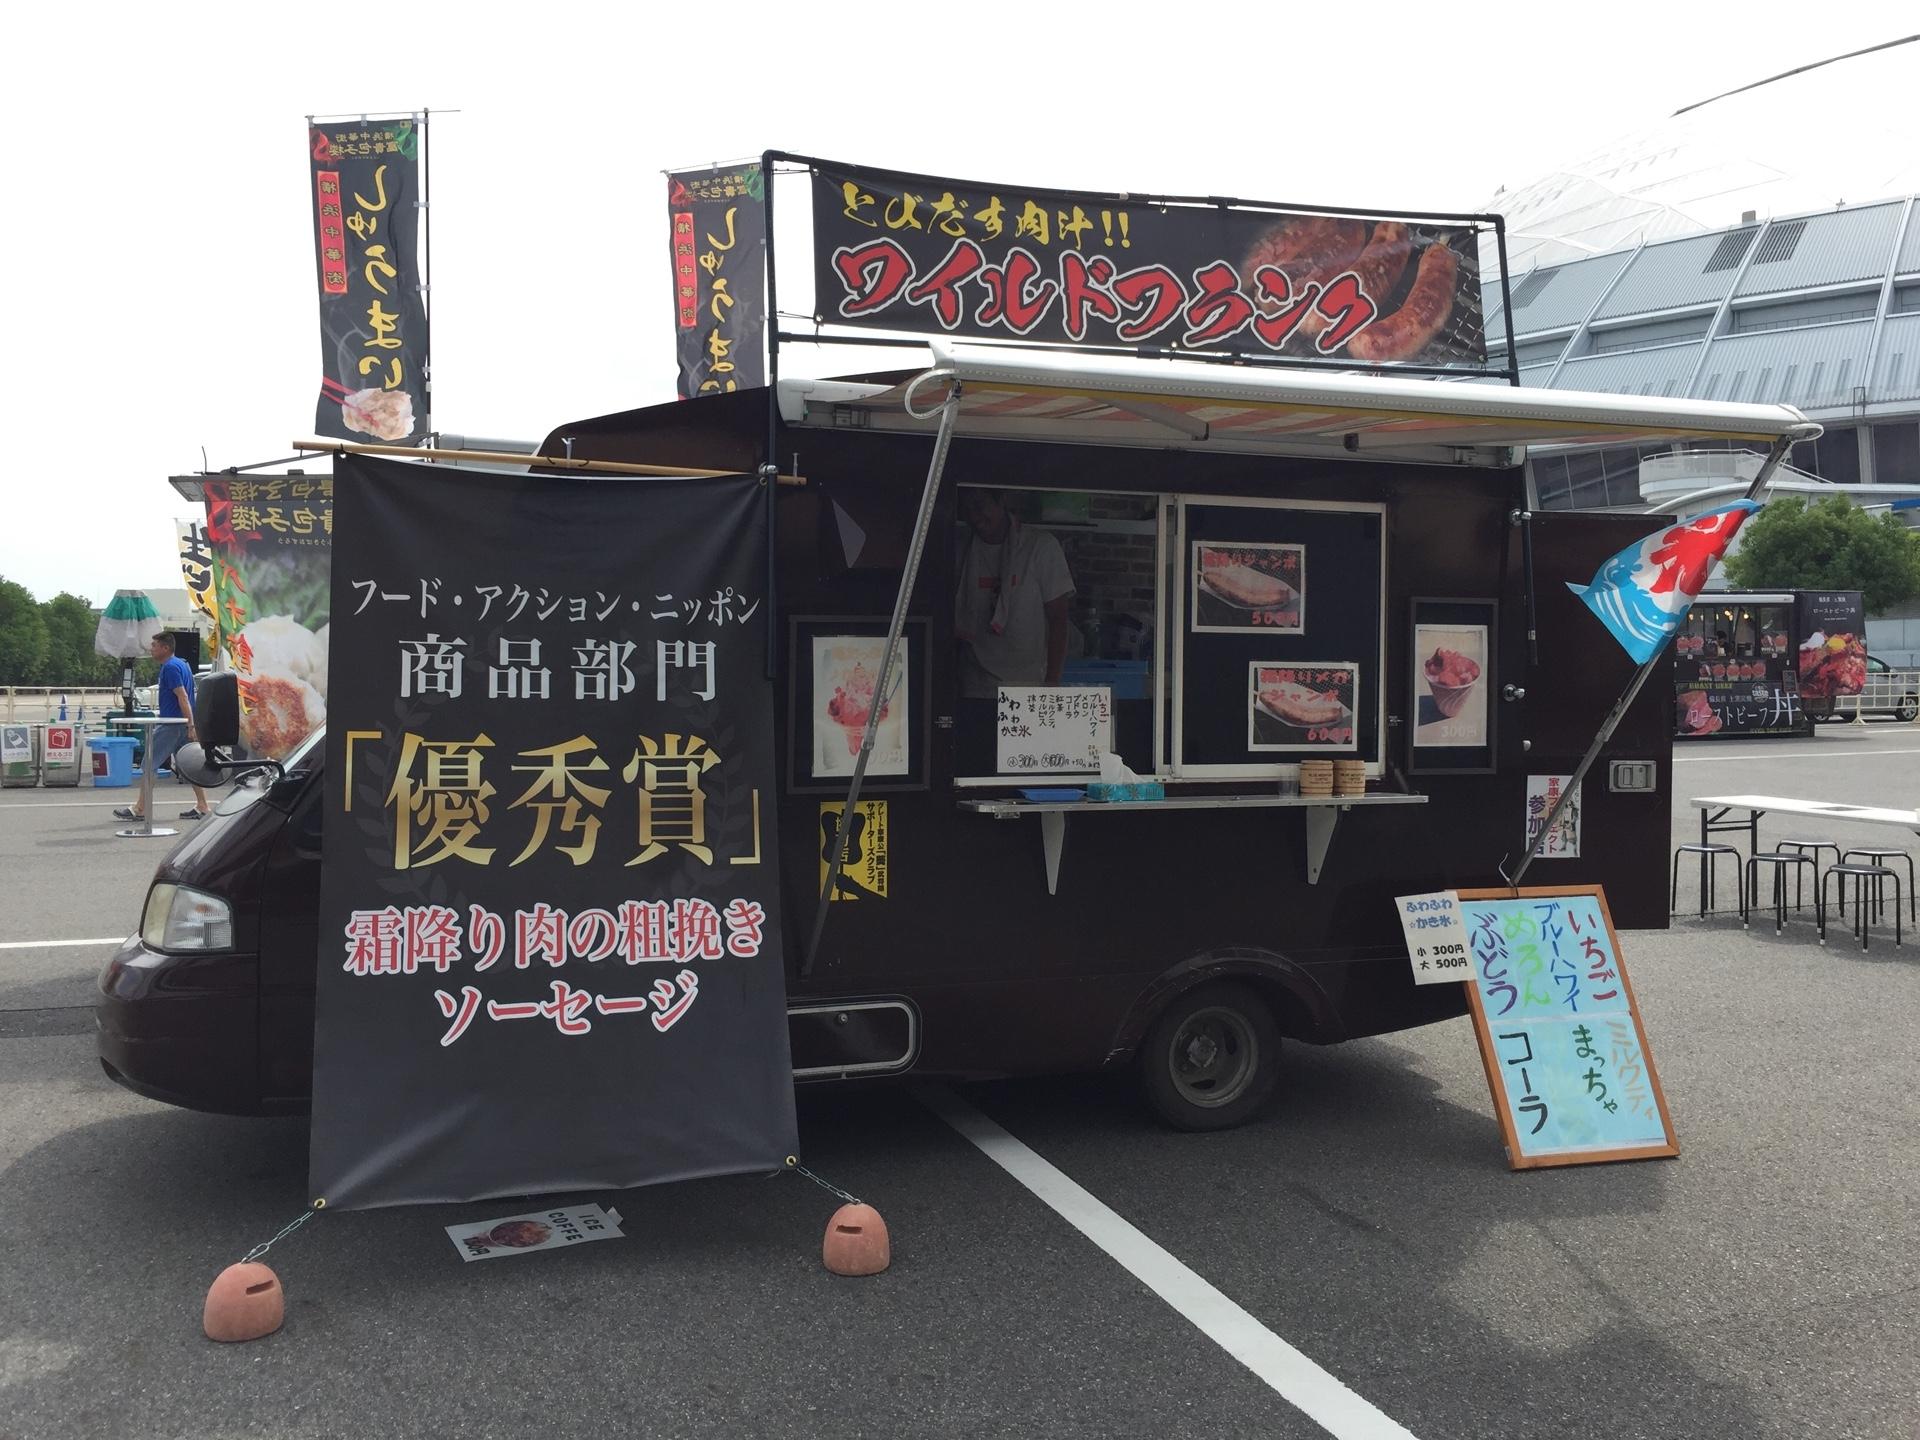 AYASHIRO家,キッチンカー,フードトラック,出店,愛知,串カツ